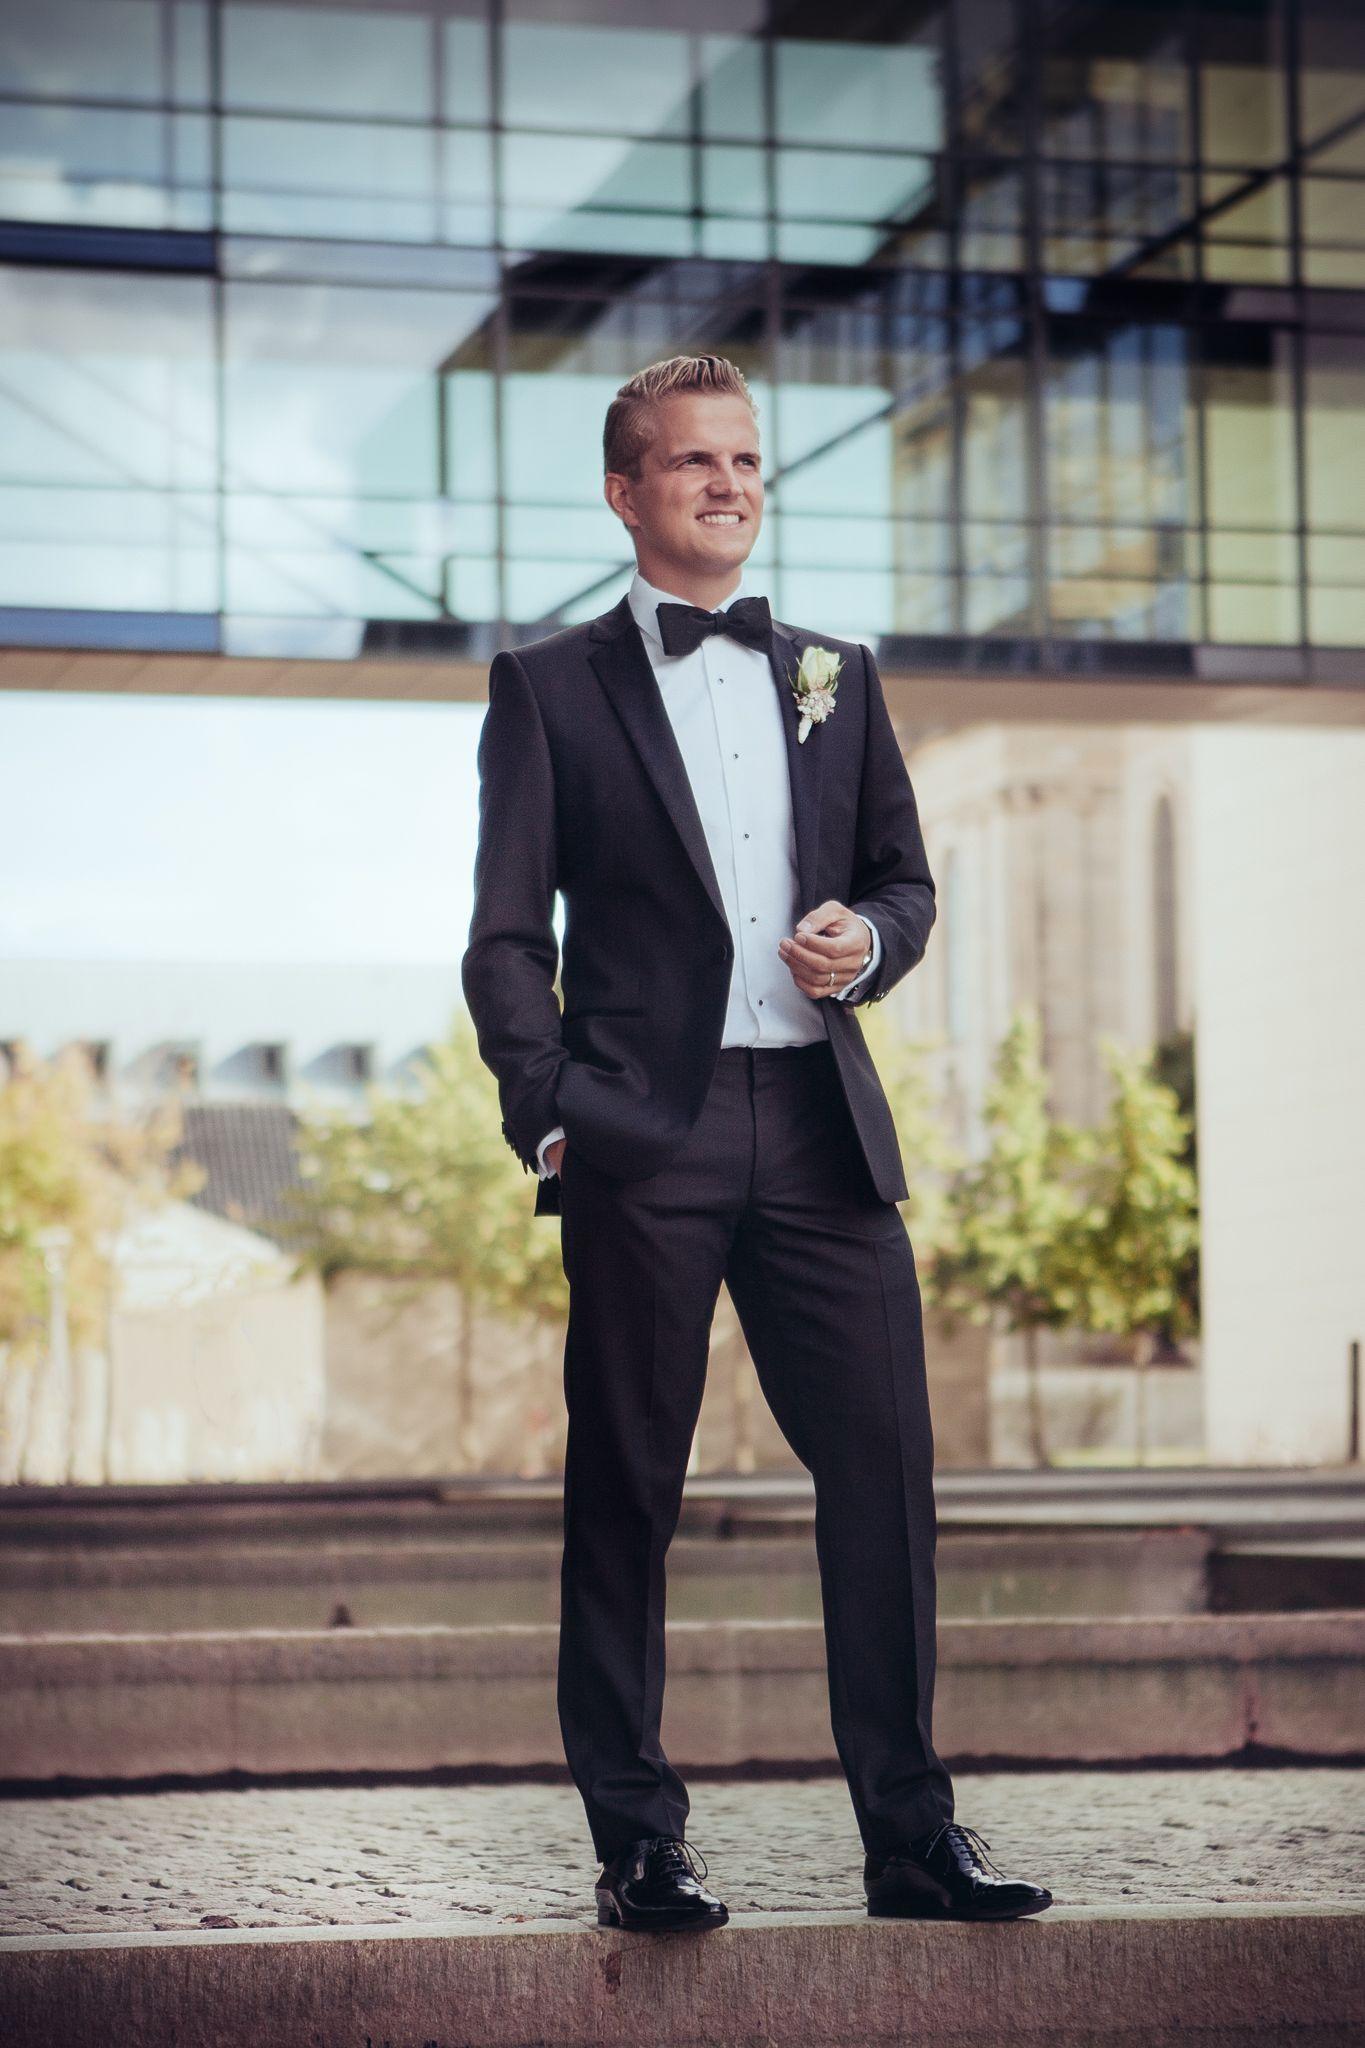 bryllupsbilleder_mads_eneqvist_39 Bryllupsbilleder